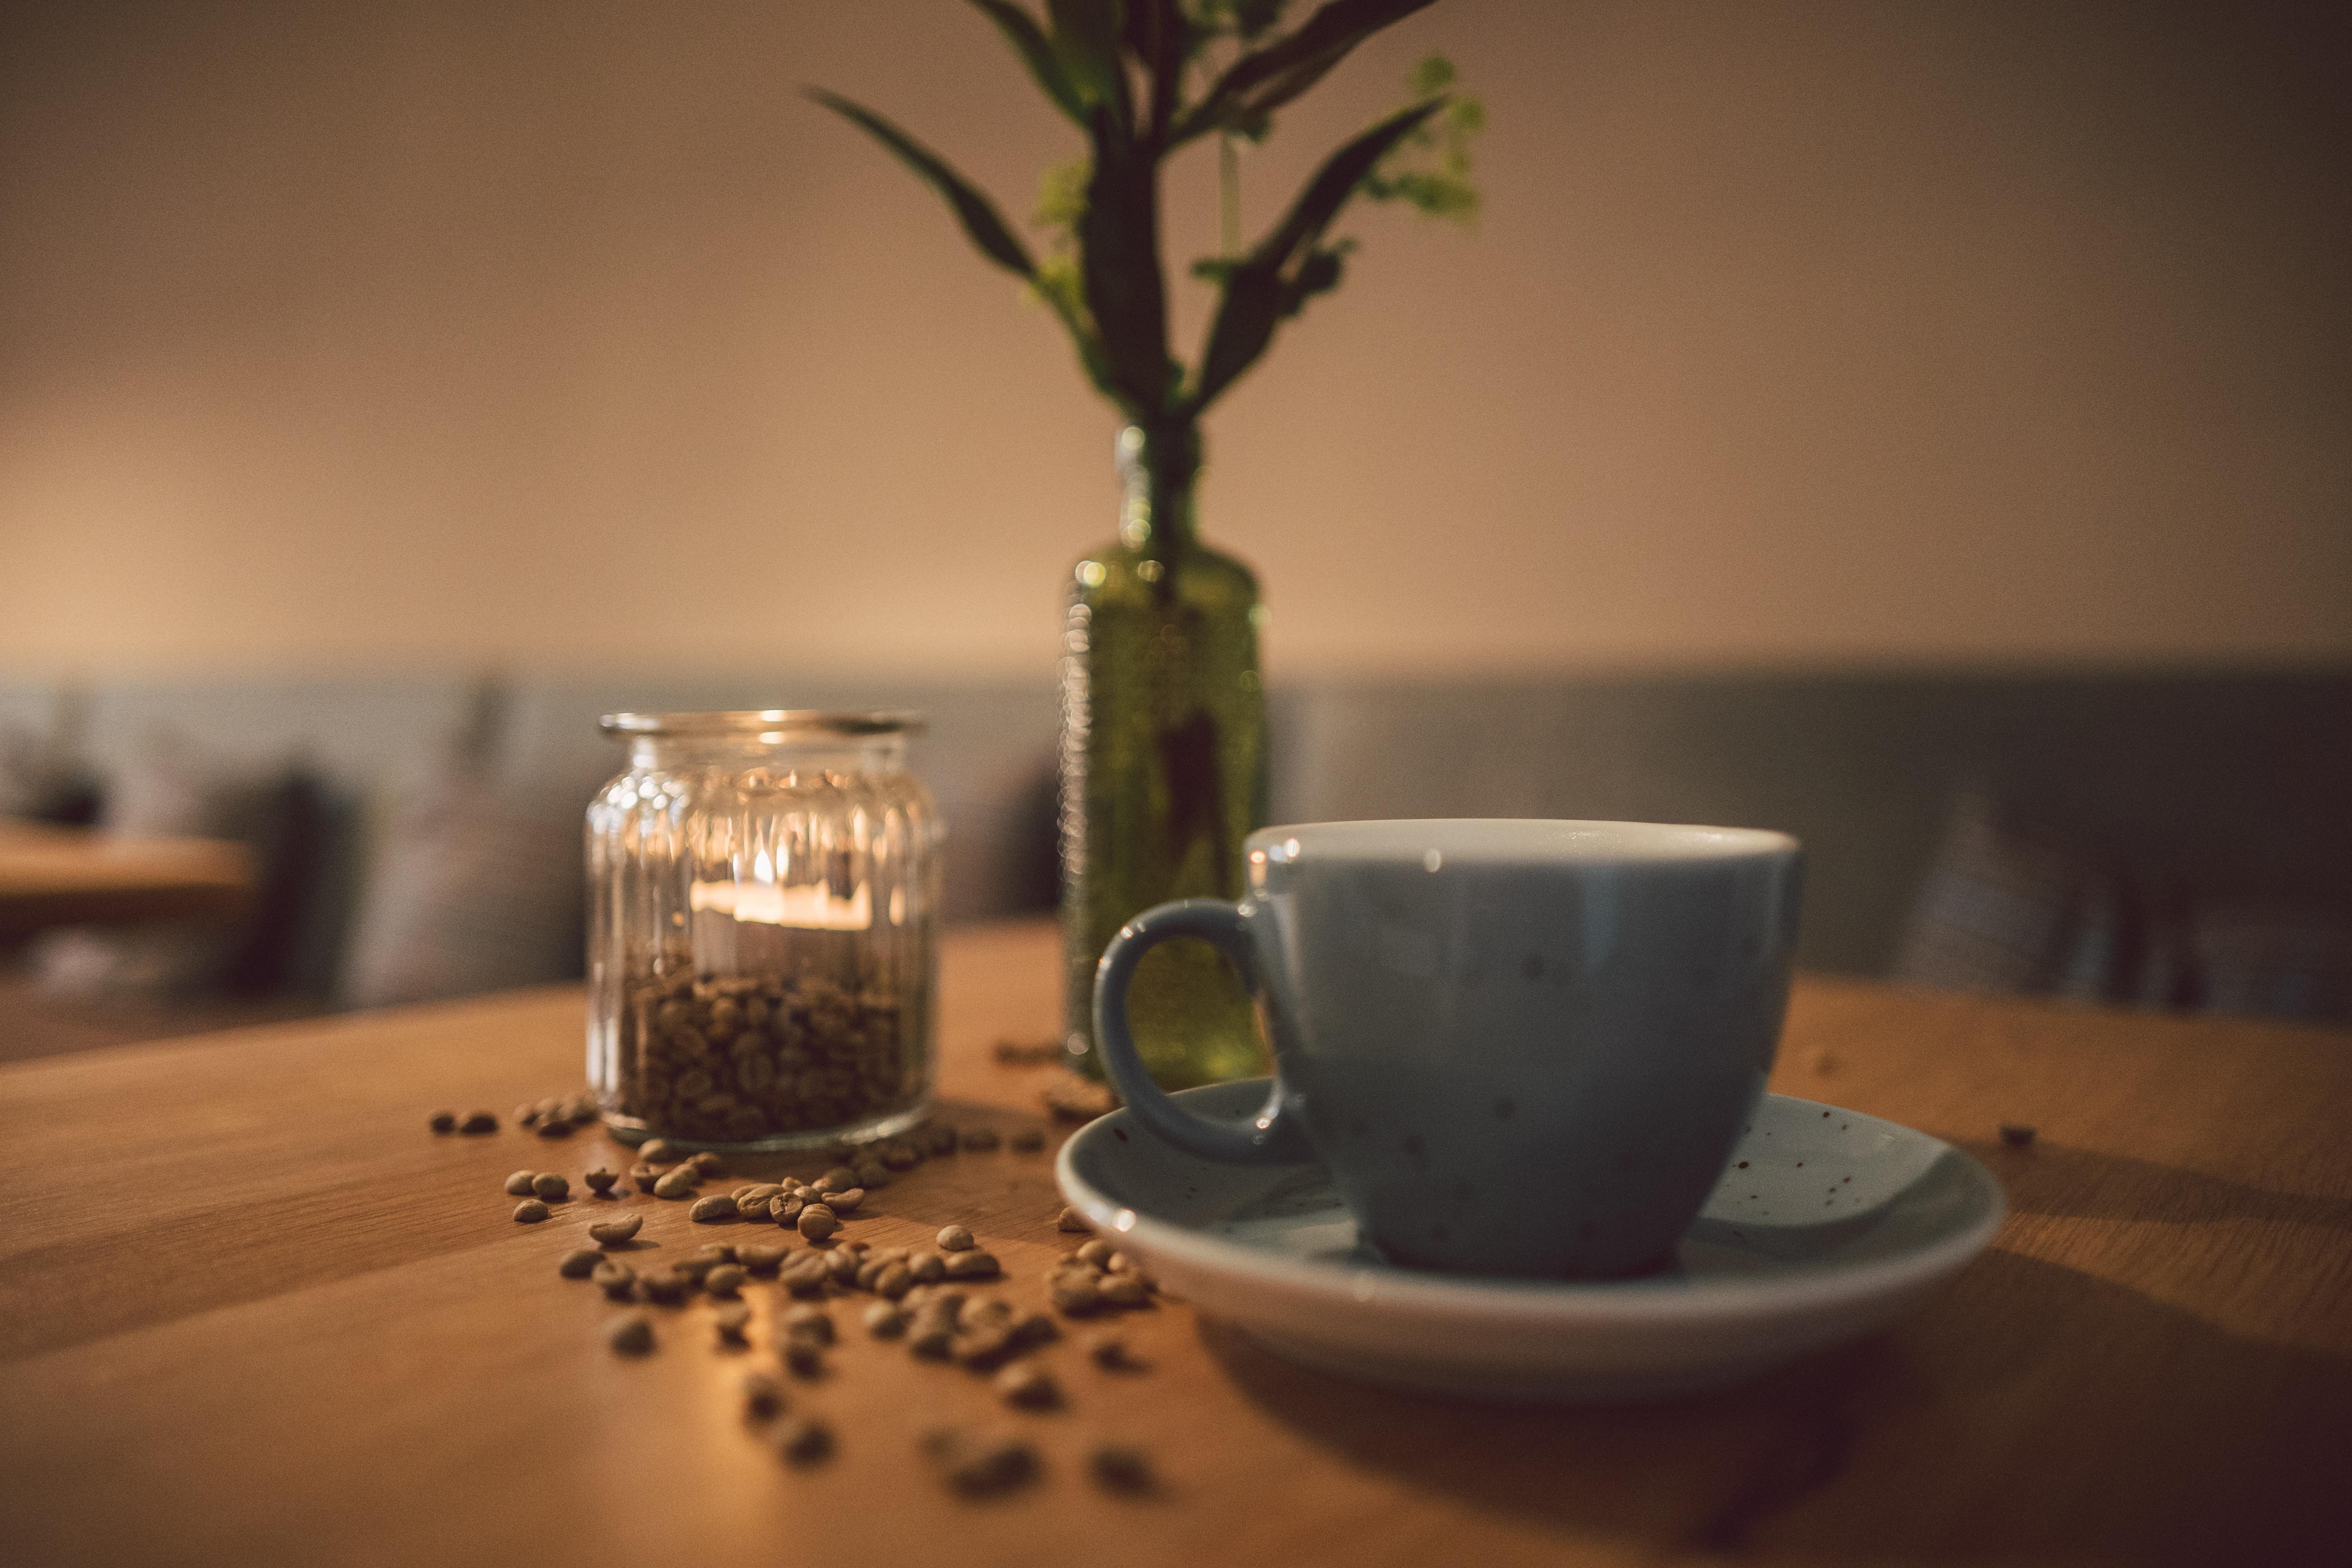 Einbecker Kaffeerösterei_Kaffeetasse